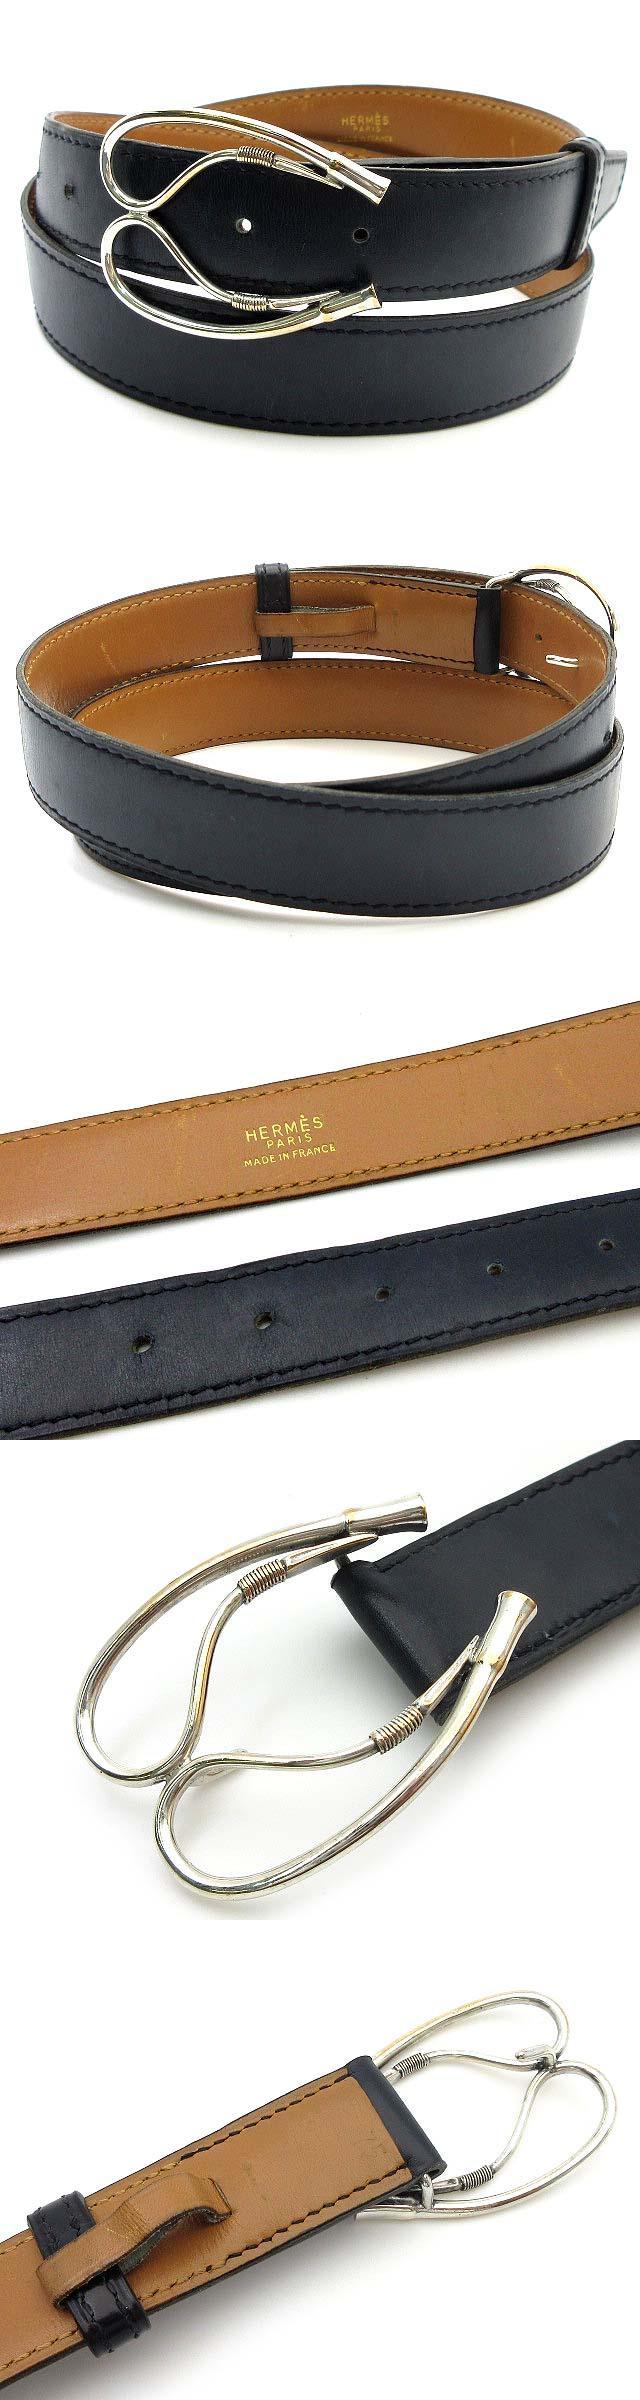 ヴィンテージ レザー ベルト 75cm ネイビー シルバー金具 ○H 1978年製